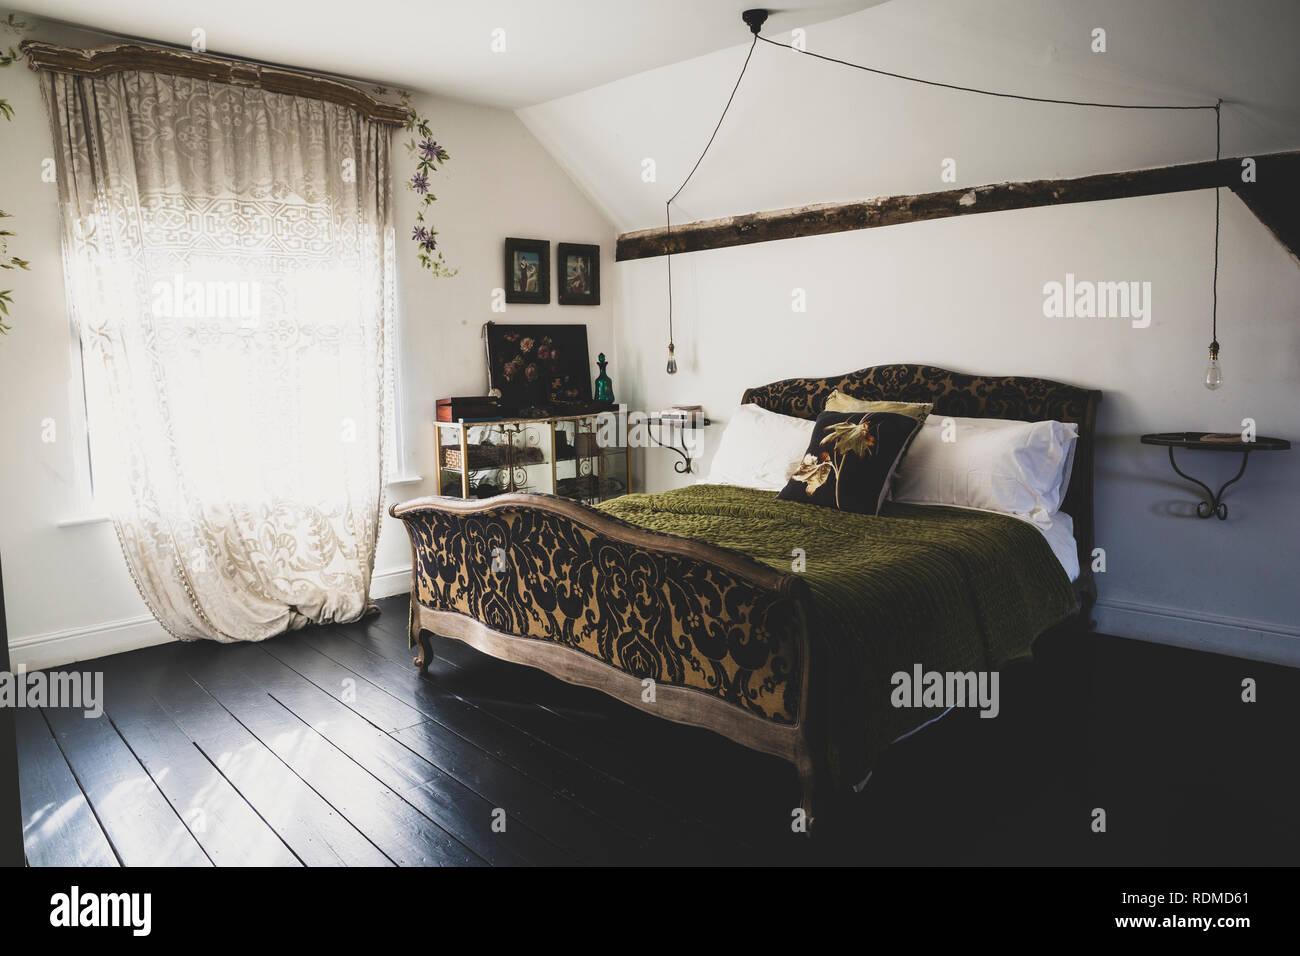 Camera Da Letto Matrimoniale In Francese : Vista interna della camera da letto mansarda con pavimento di legno